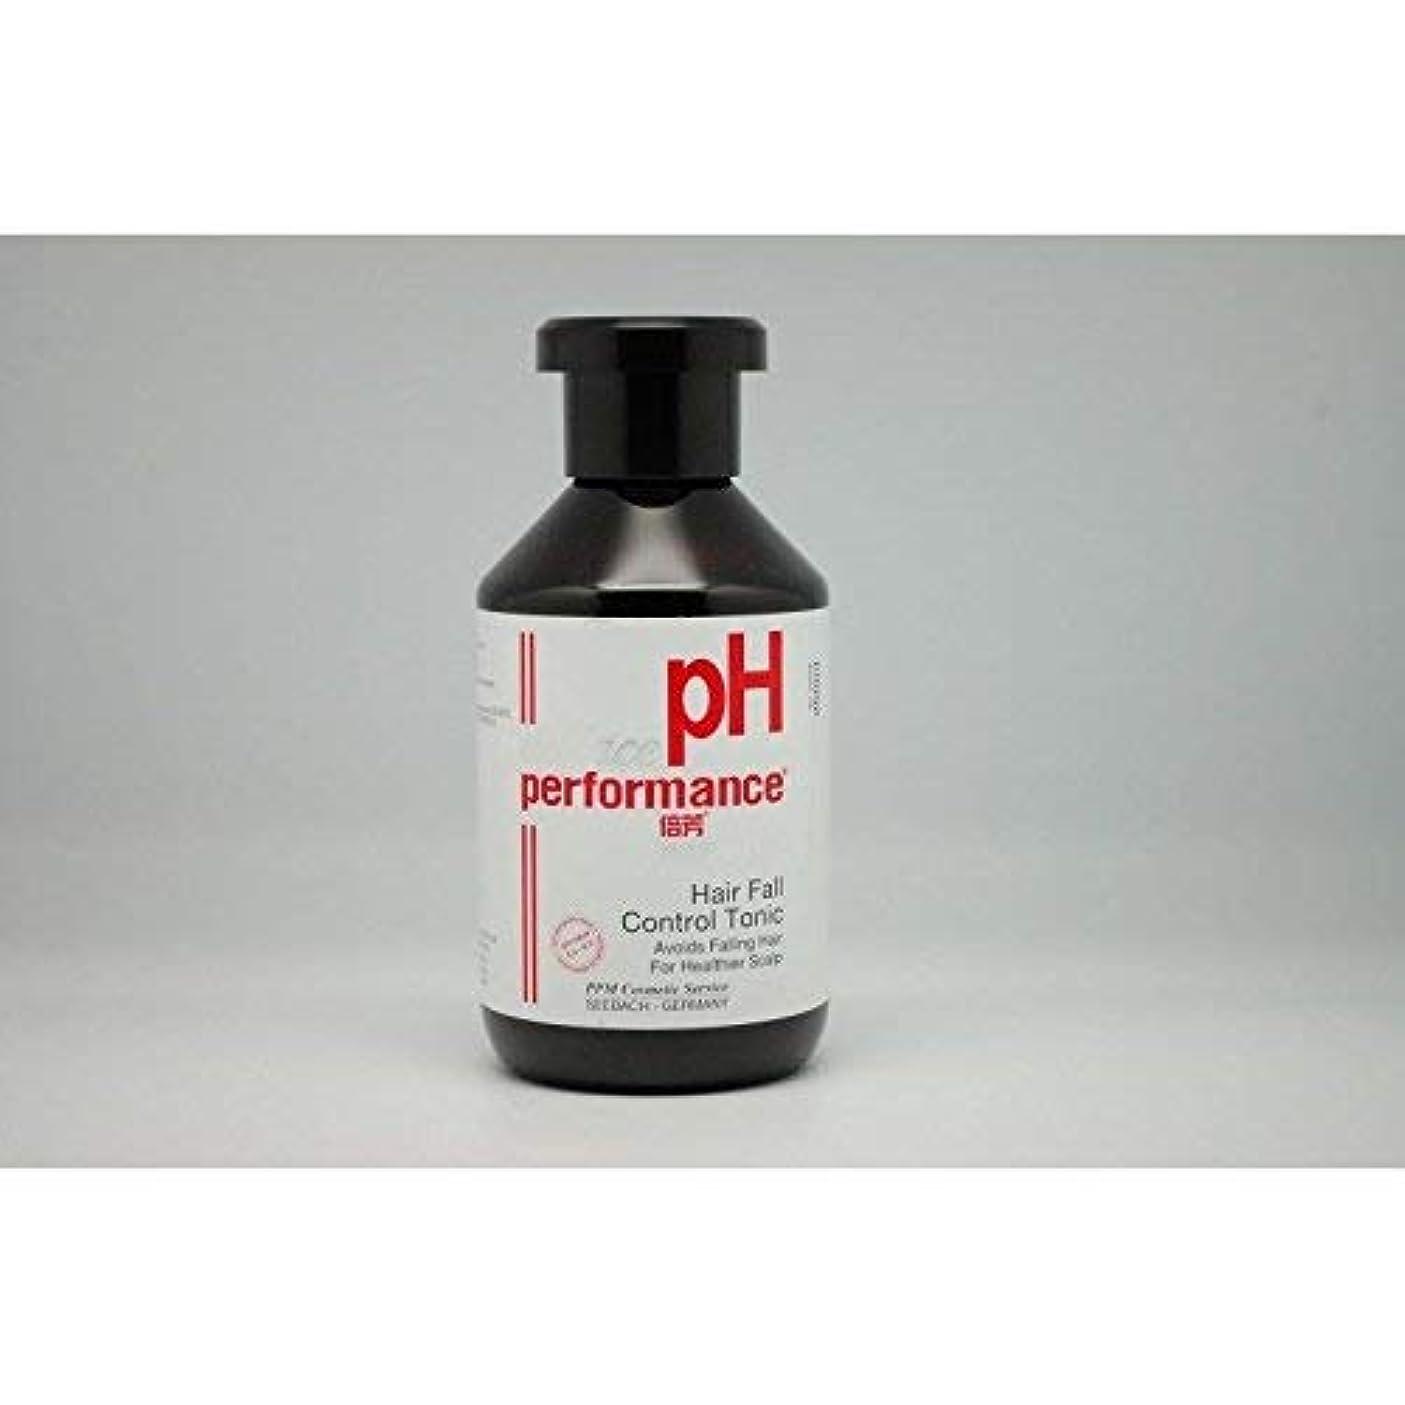 栄光氏平方AUDACE パフォーマンス制御育毛剤250ミリリットルのMCのpH値